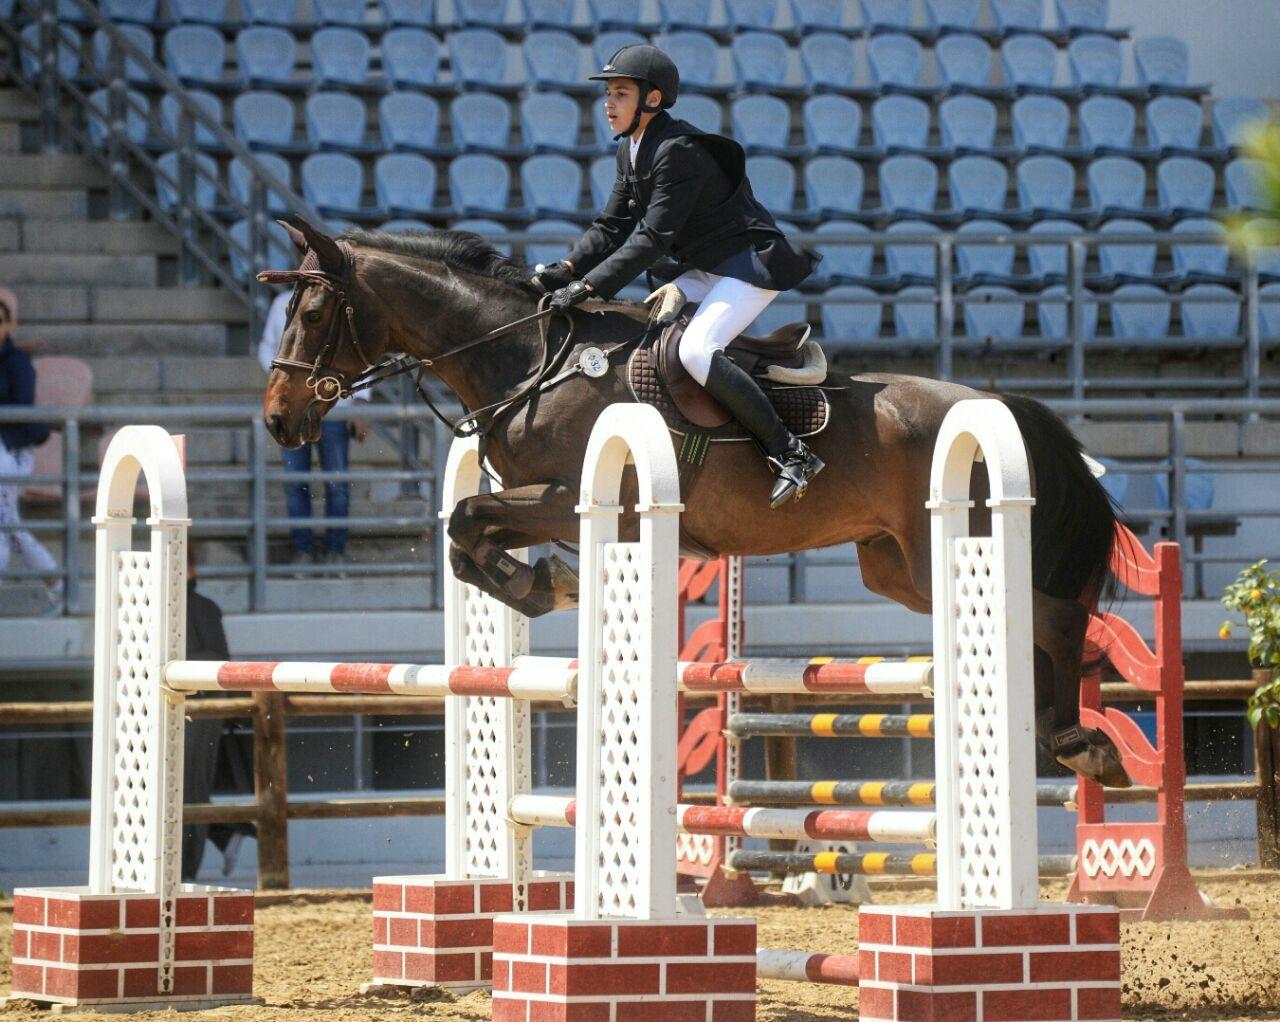 Ιππικός Όμιλος Καλαμάτας: Σταθερά στις επιτυχίες στο Πρωτάθλημα